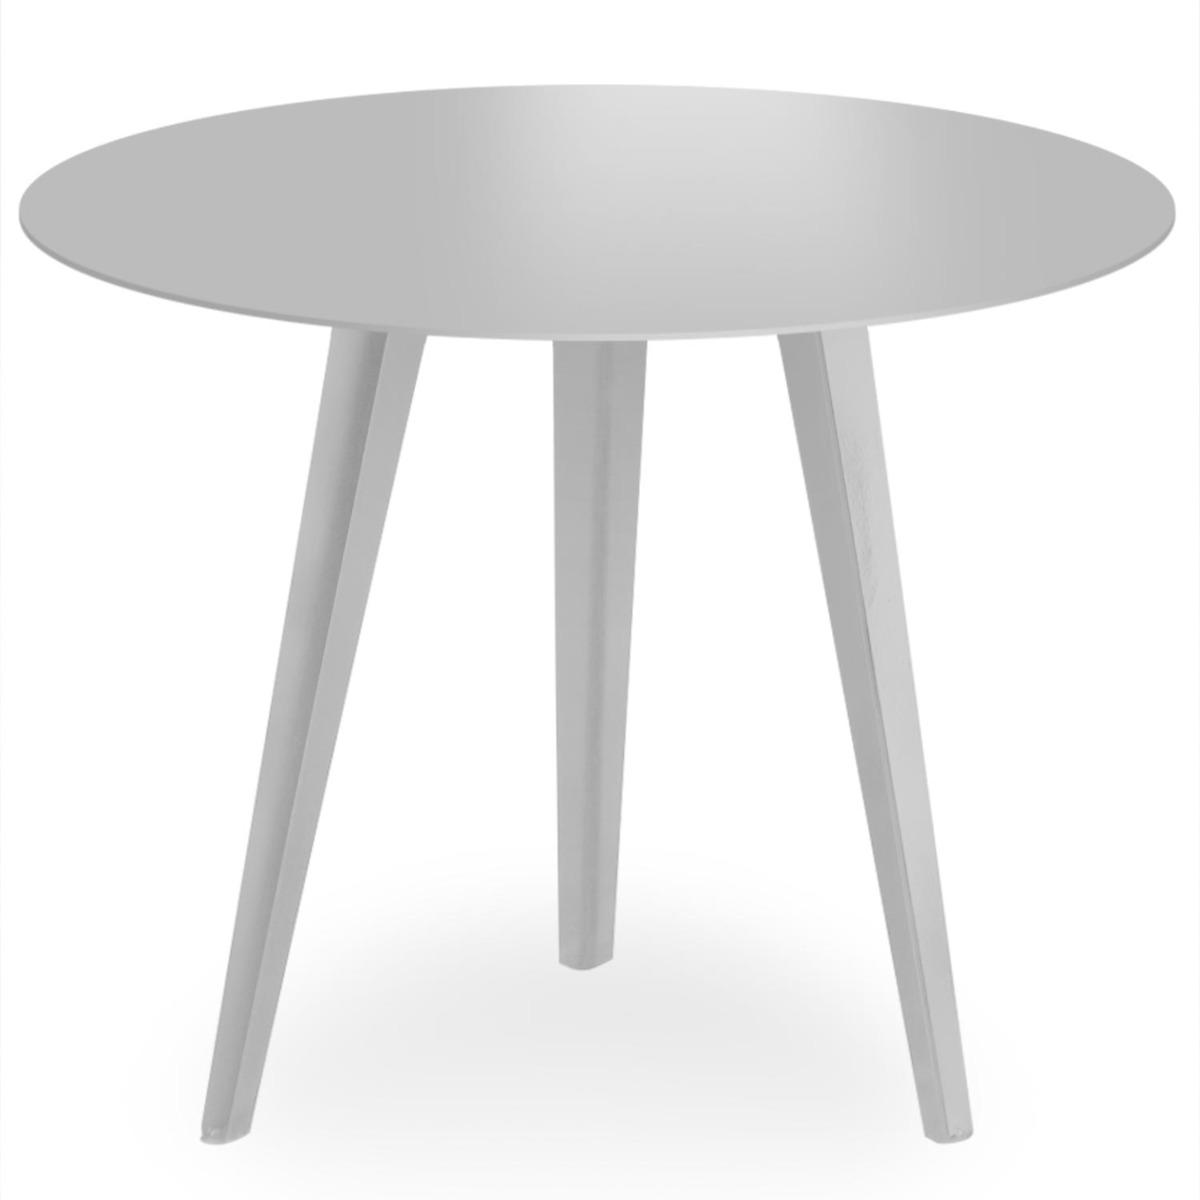 Table d'appoint magnétique ronde 45cm Bipolart Métal Argent